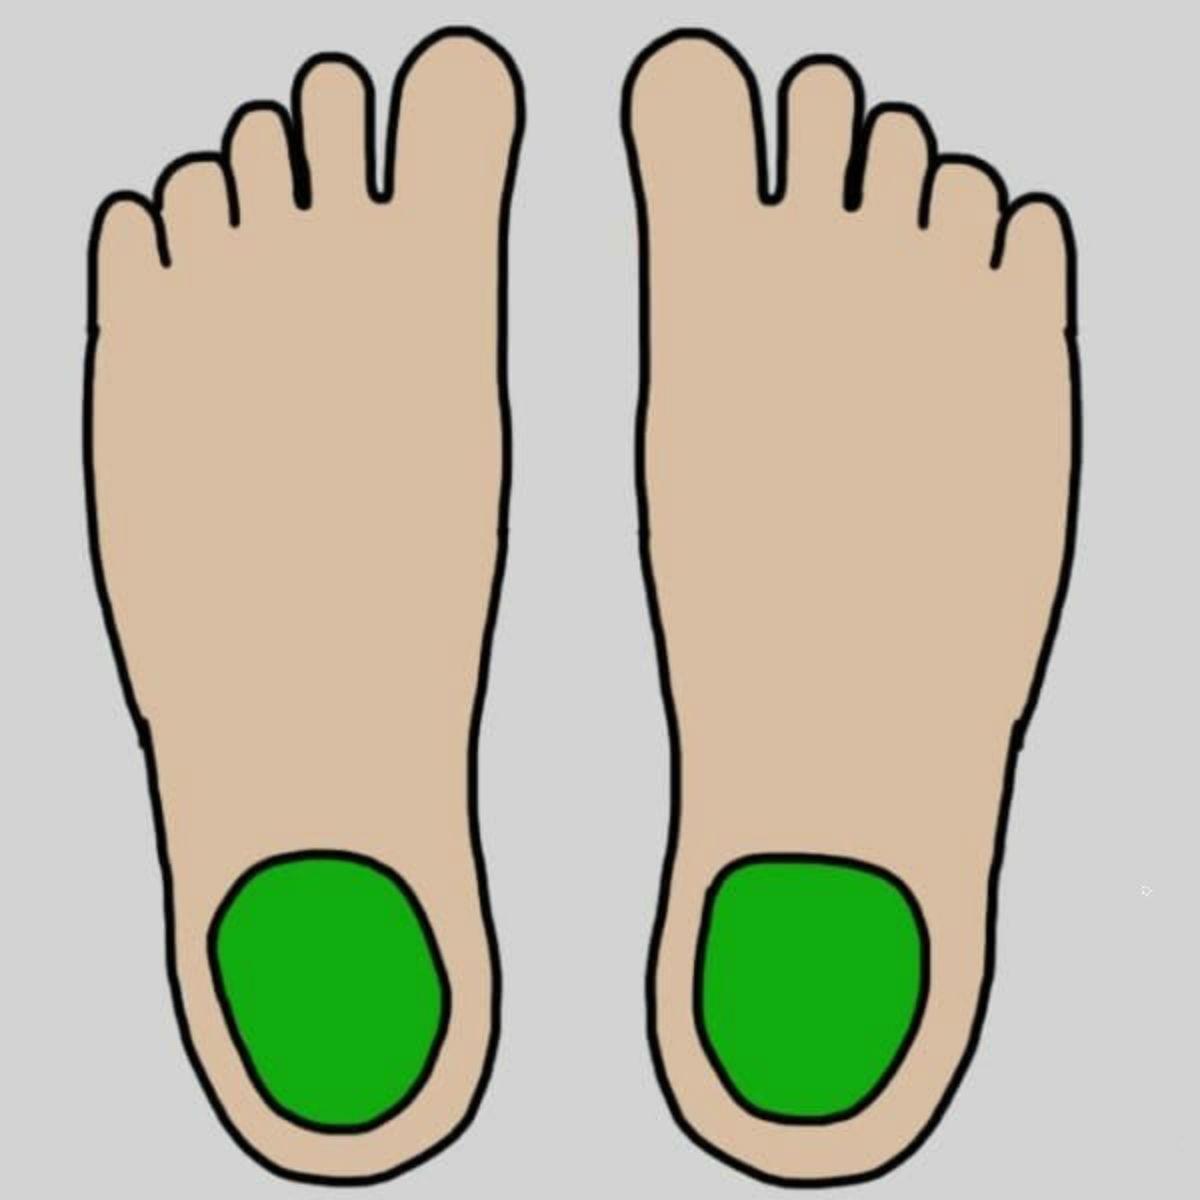 Японский метод исцеления от болезней, которая не имеет аналогов! Всё благодаря 1 процедуре!